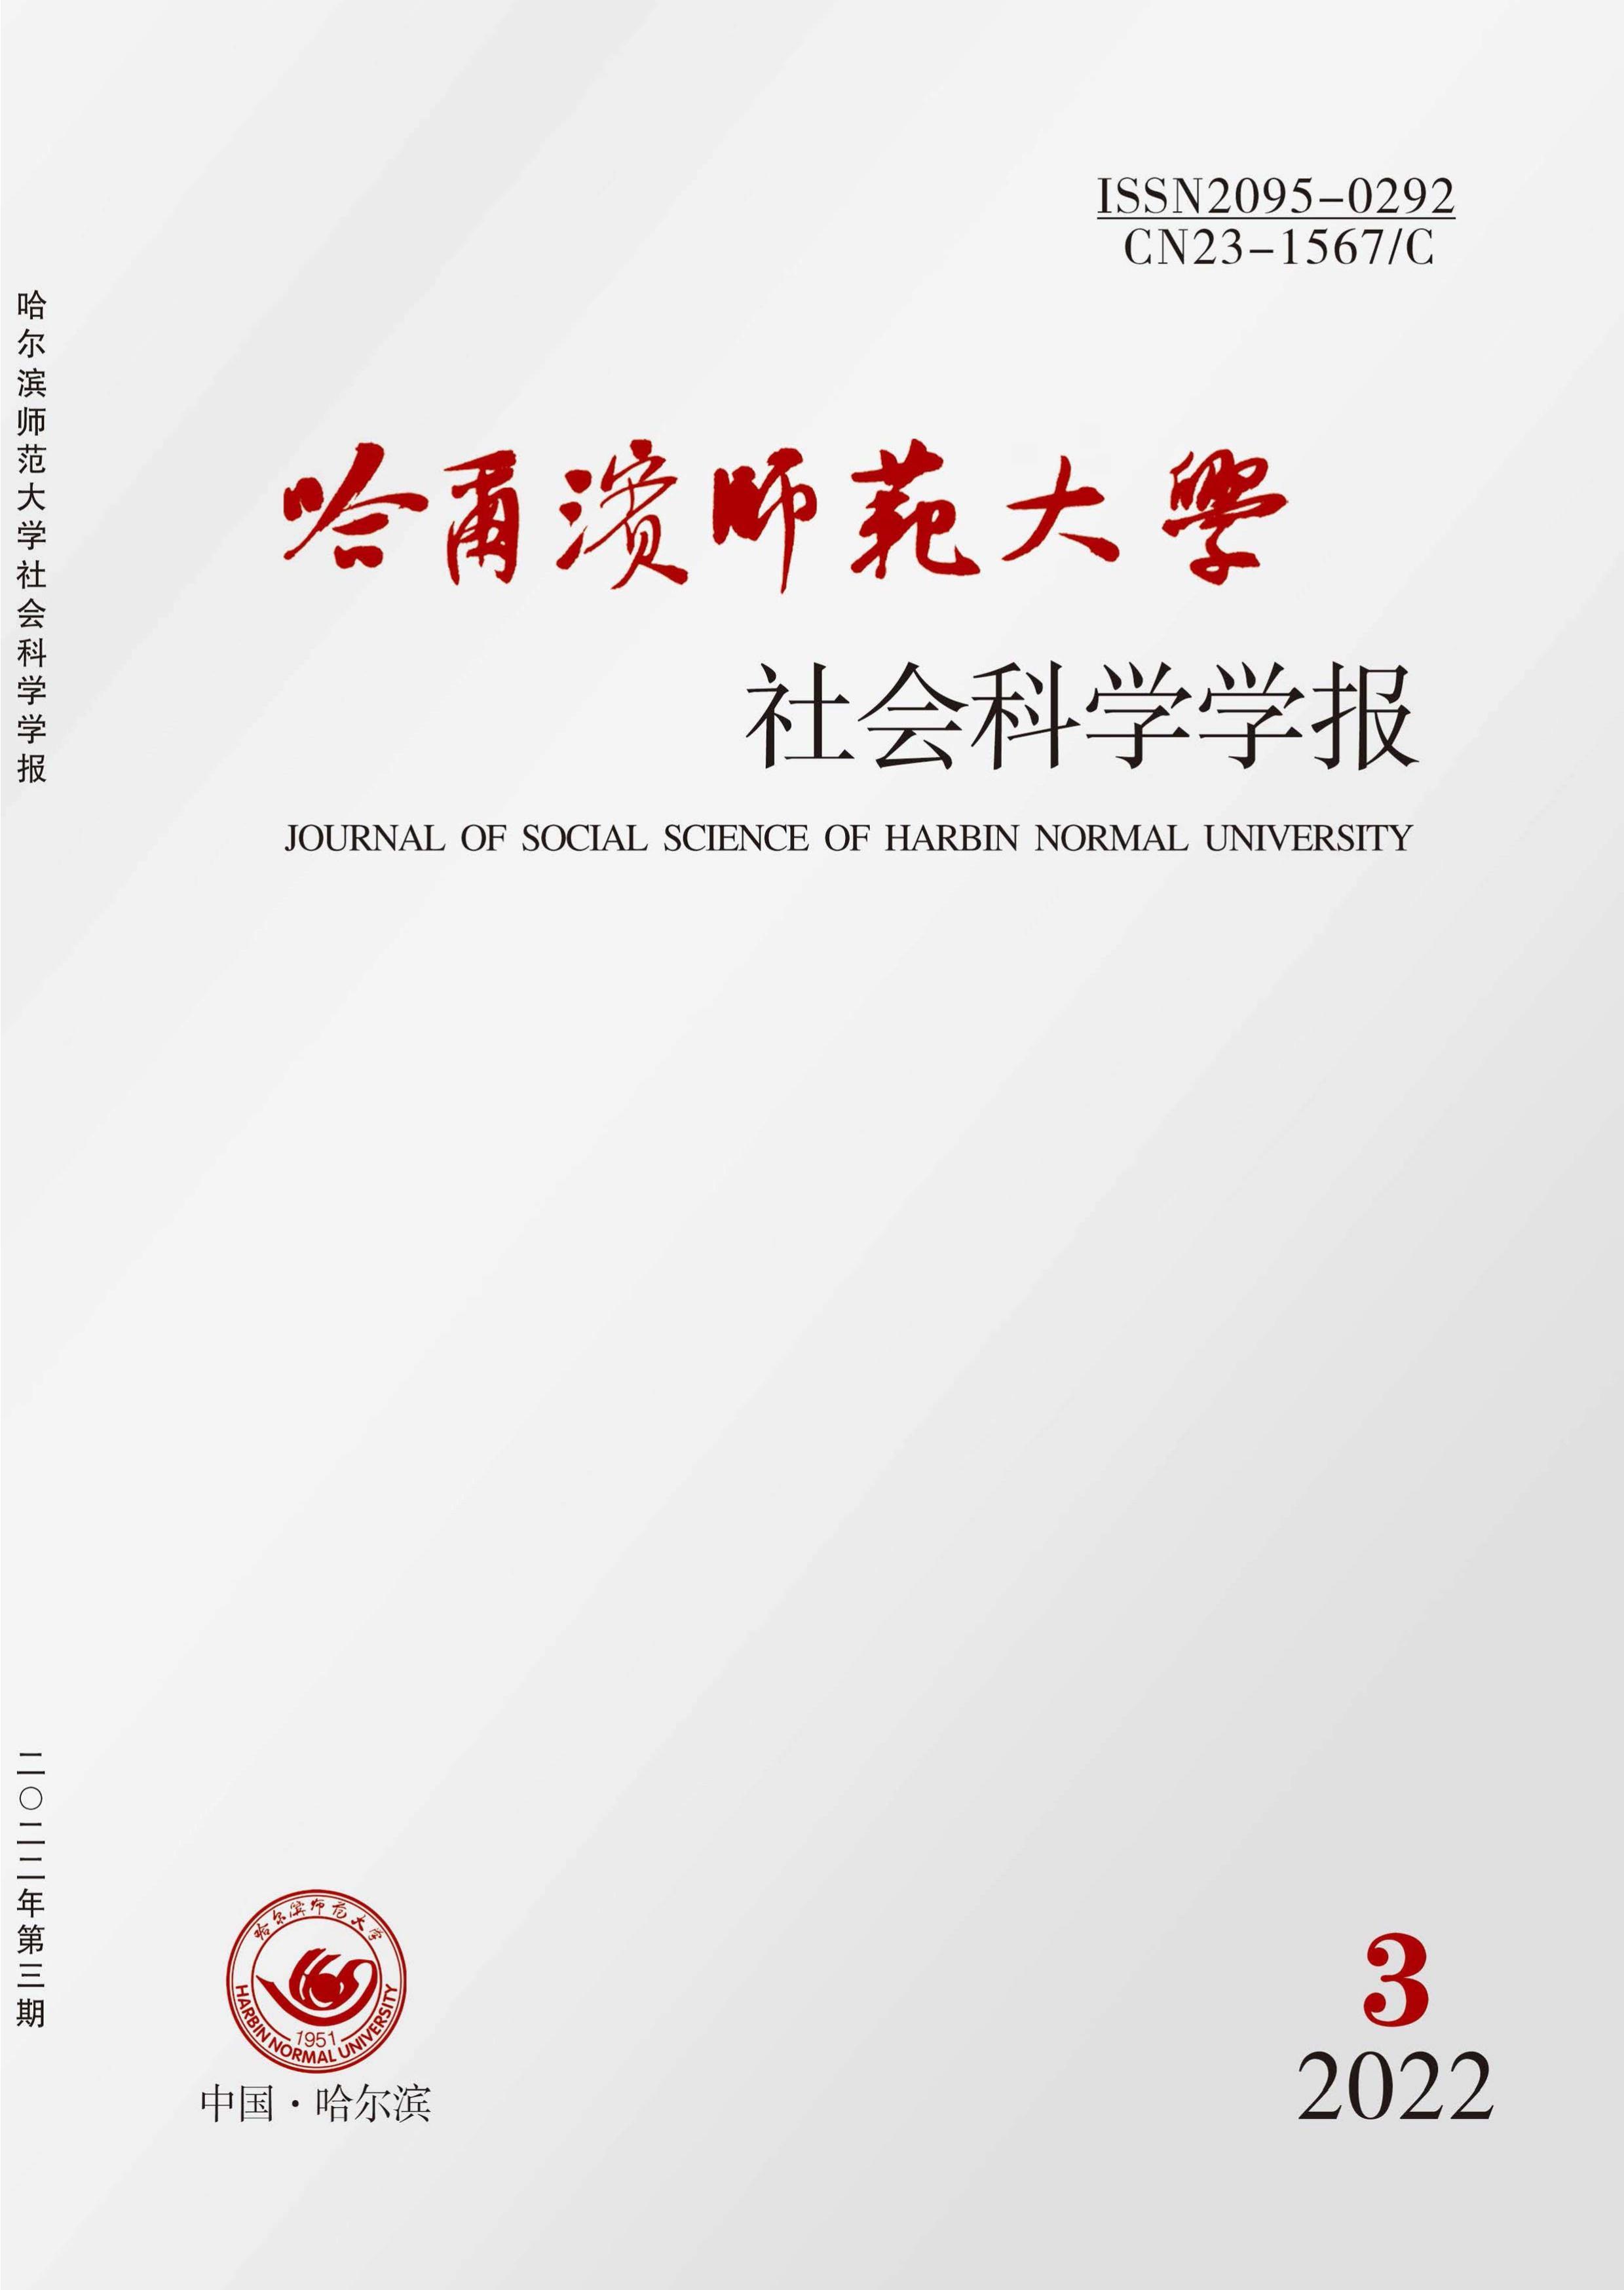 哈尔滨师范大学社会科学学报